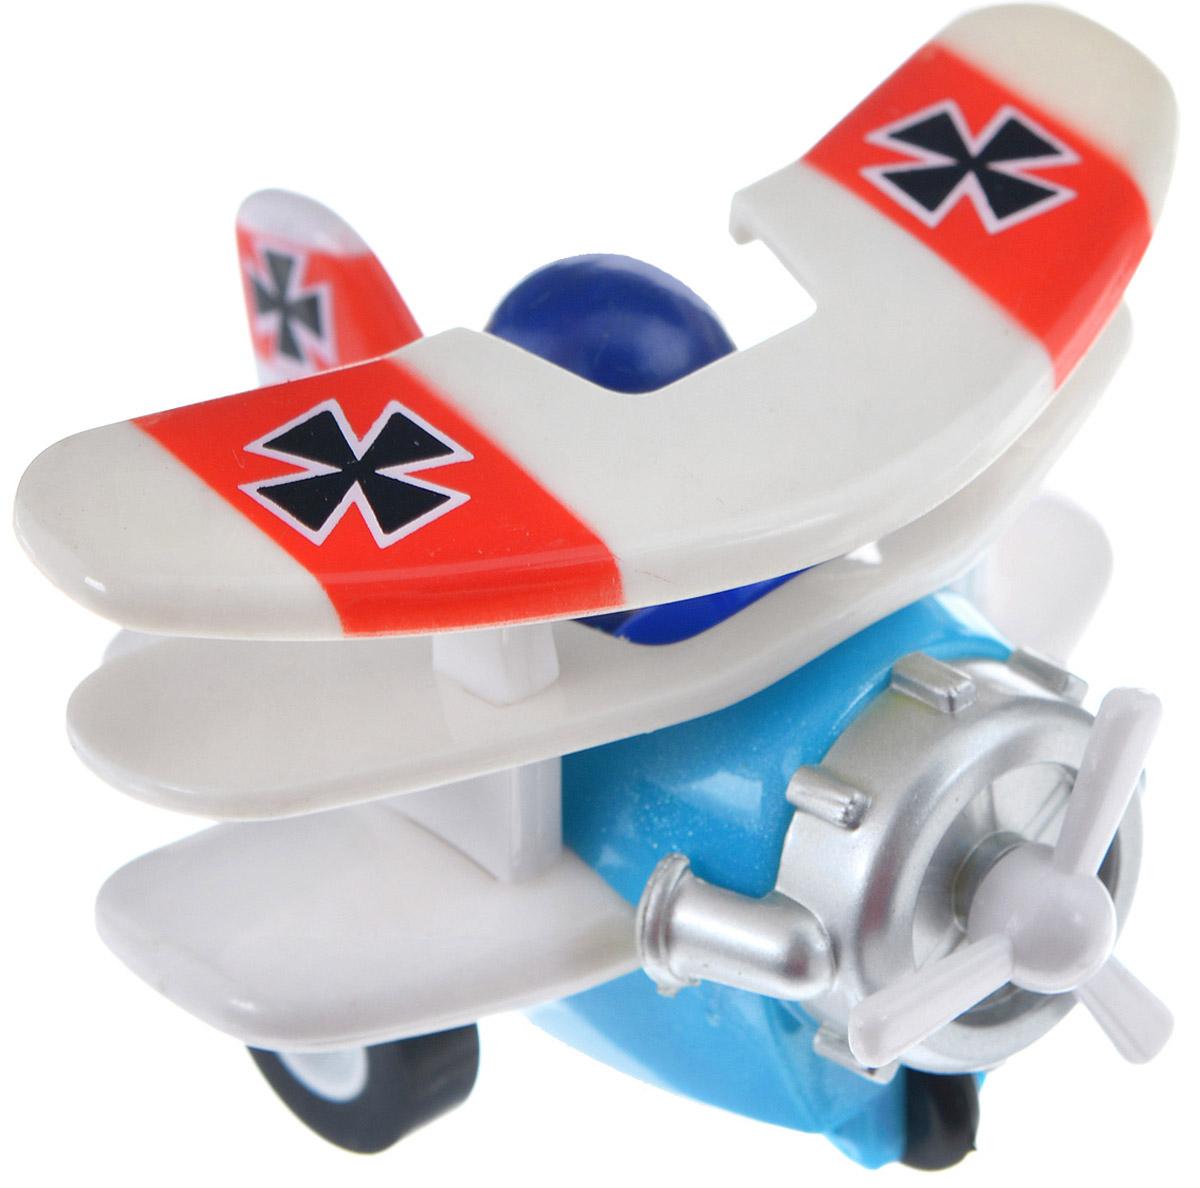 Hans Самолет инерционный цвет белый голубой